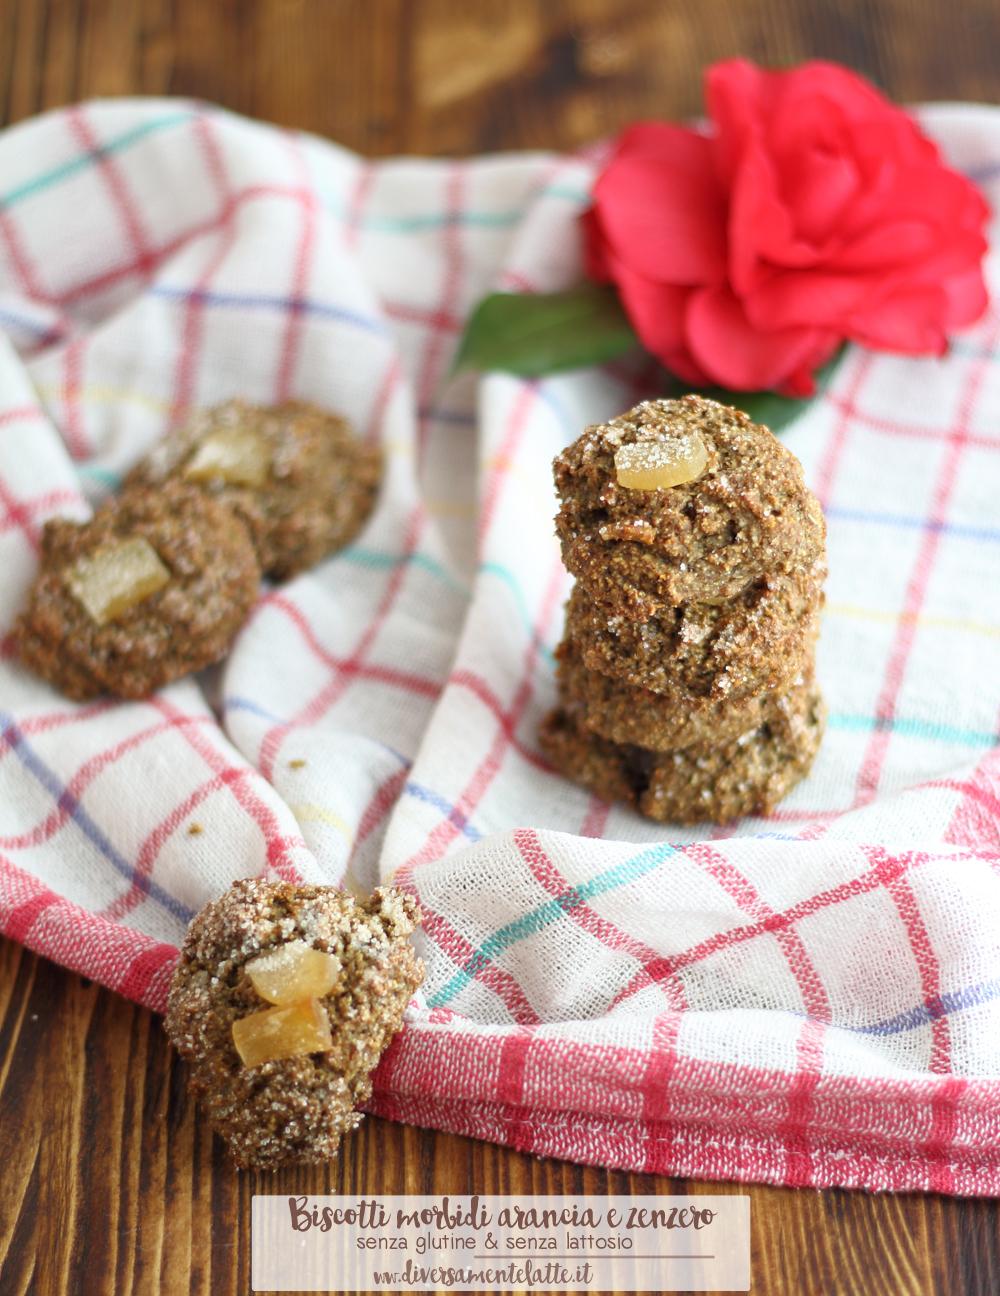 biscotti morbidi arancia e zenzero-senza glutine senza lattosio